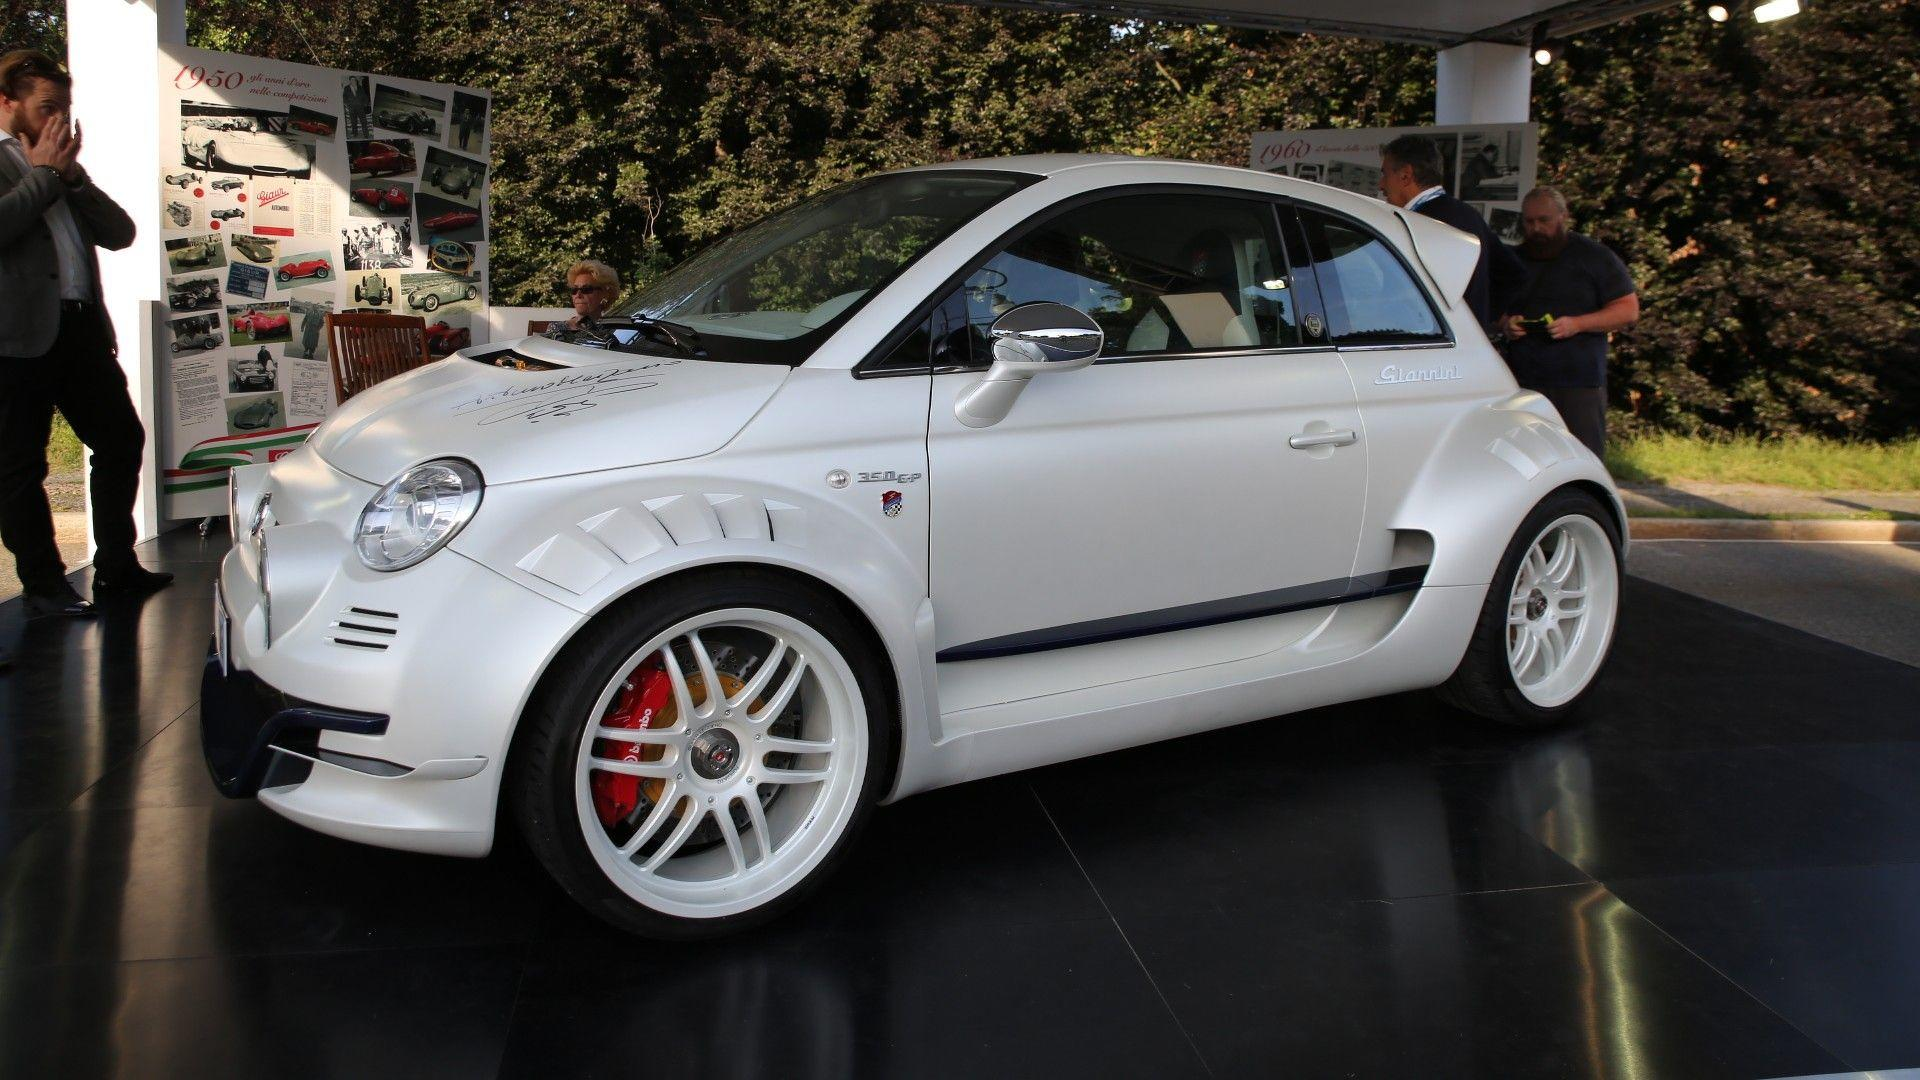 Fiat_500_Giannini_350_GP_Anniversario_01